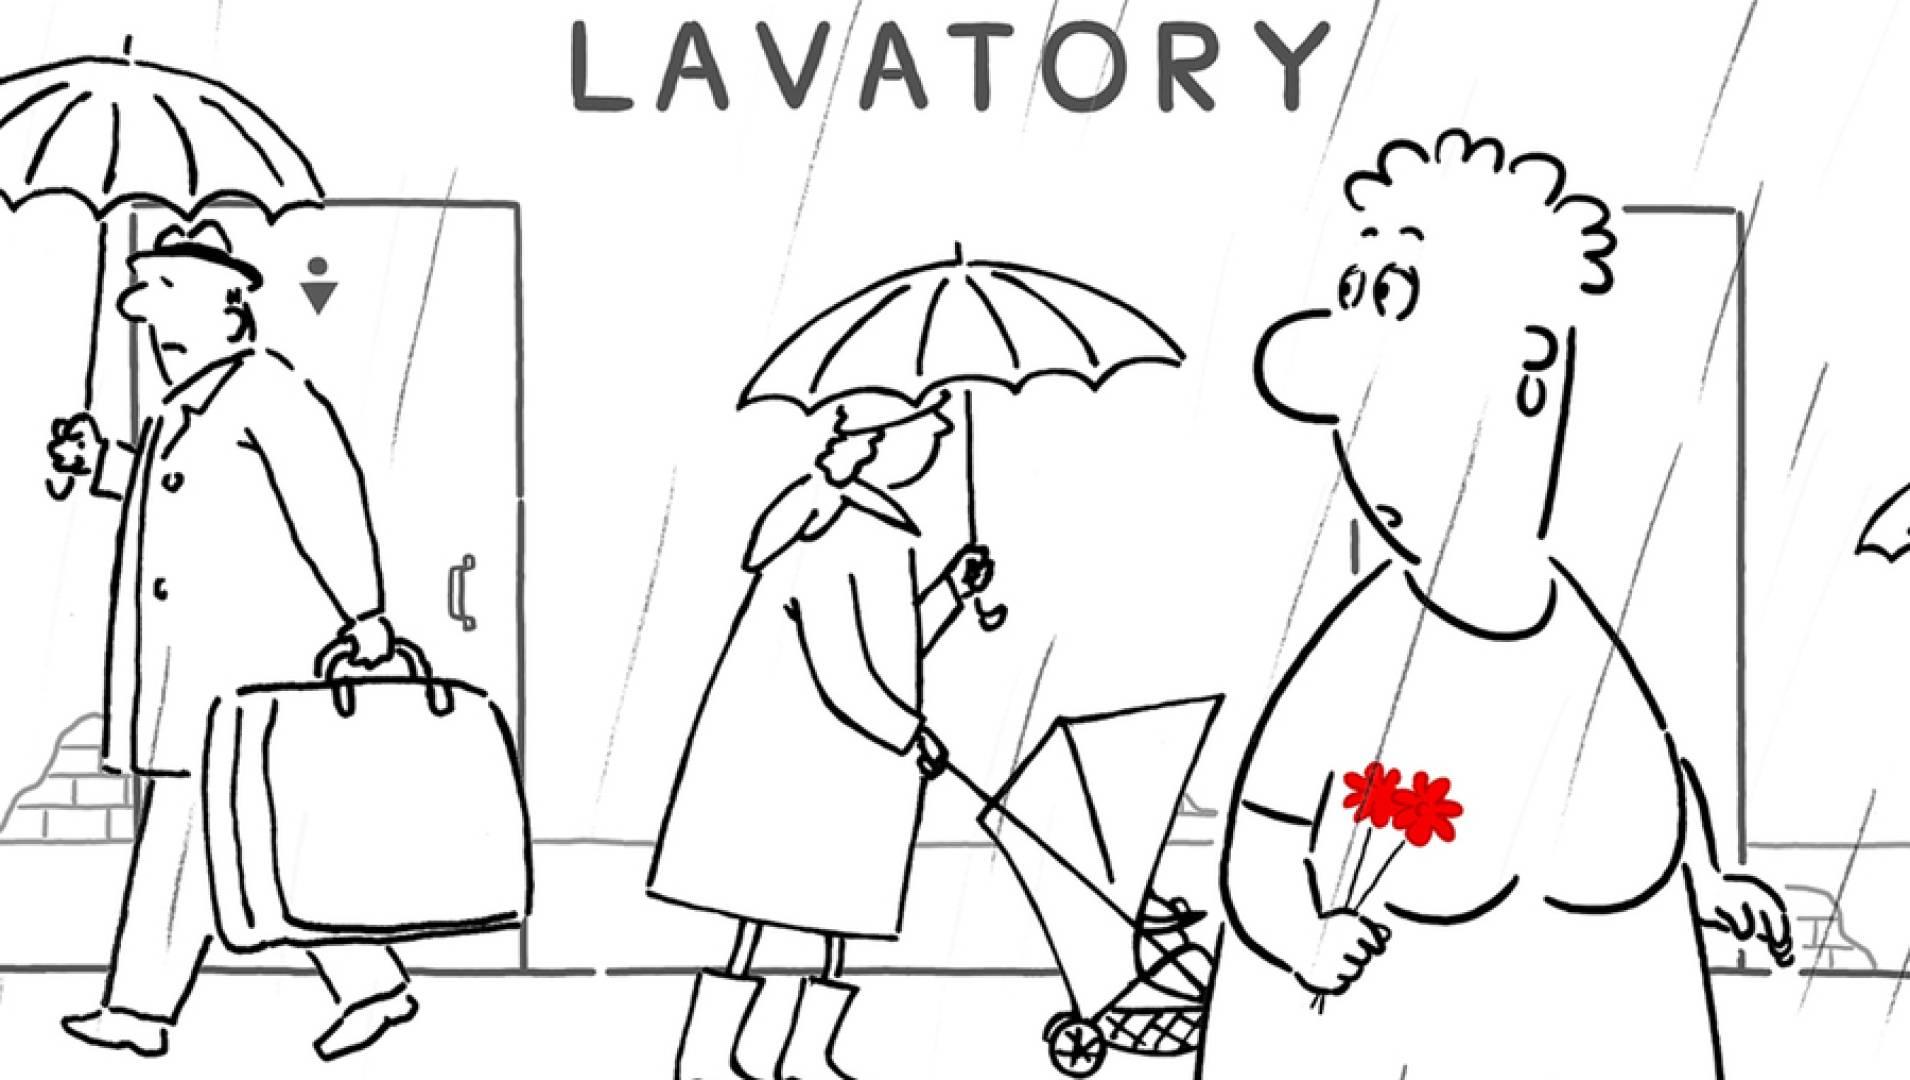 Любовная история (Lavatory Lovestory) - Анимационный фильм